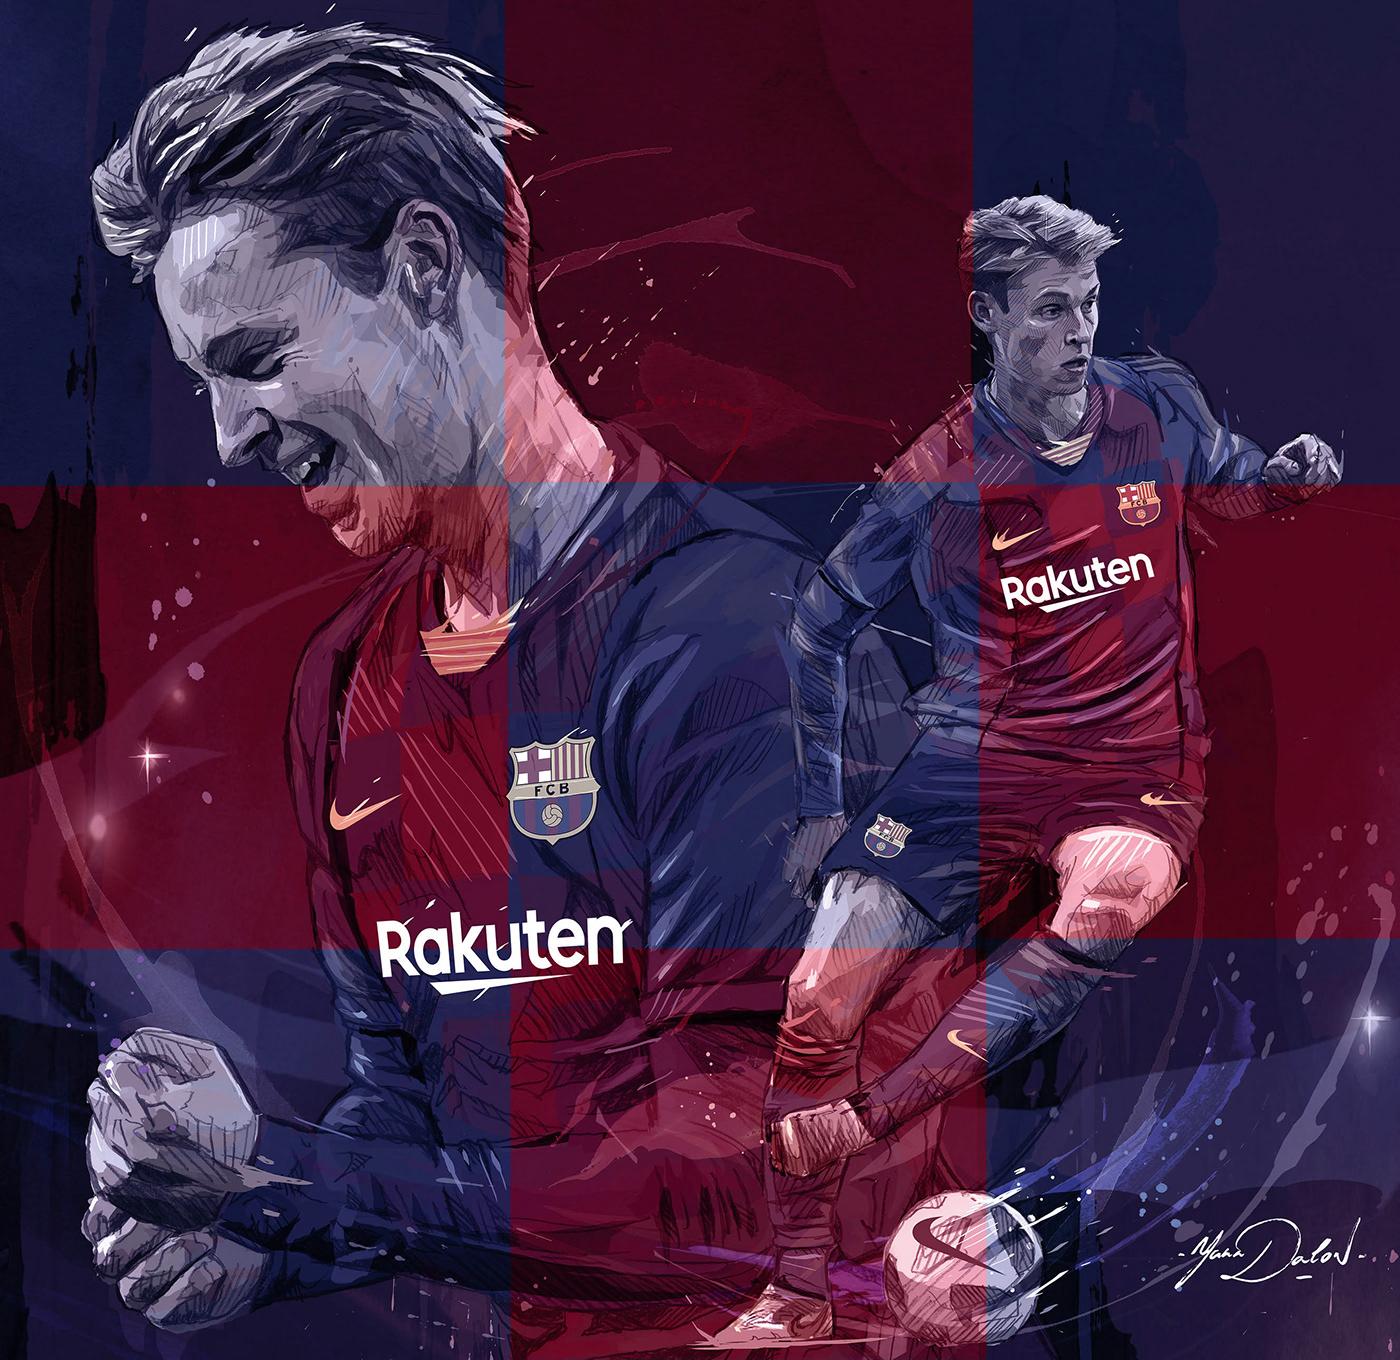 Frenkie de Jong frenkie FC Barcelona football soccer Dynamic messi poster foot barcelona